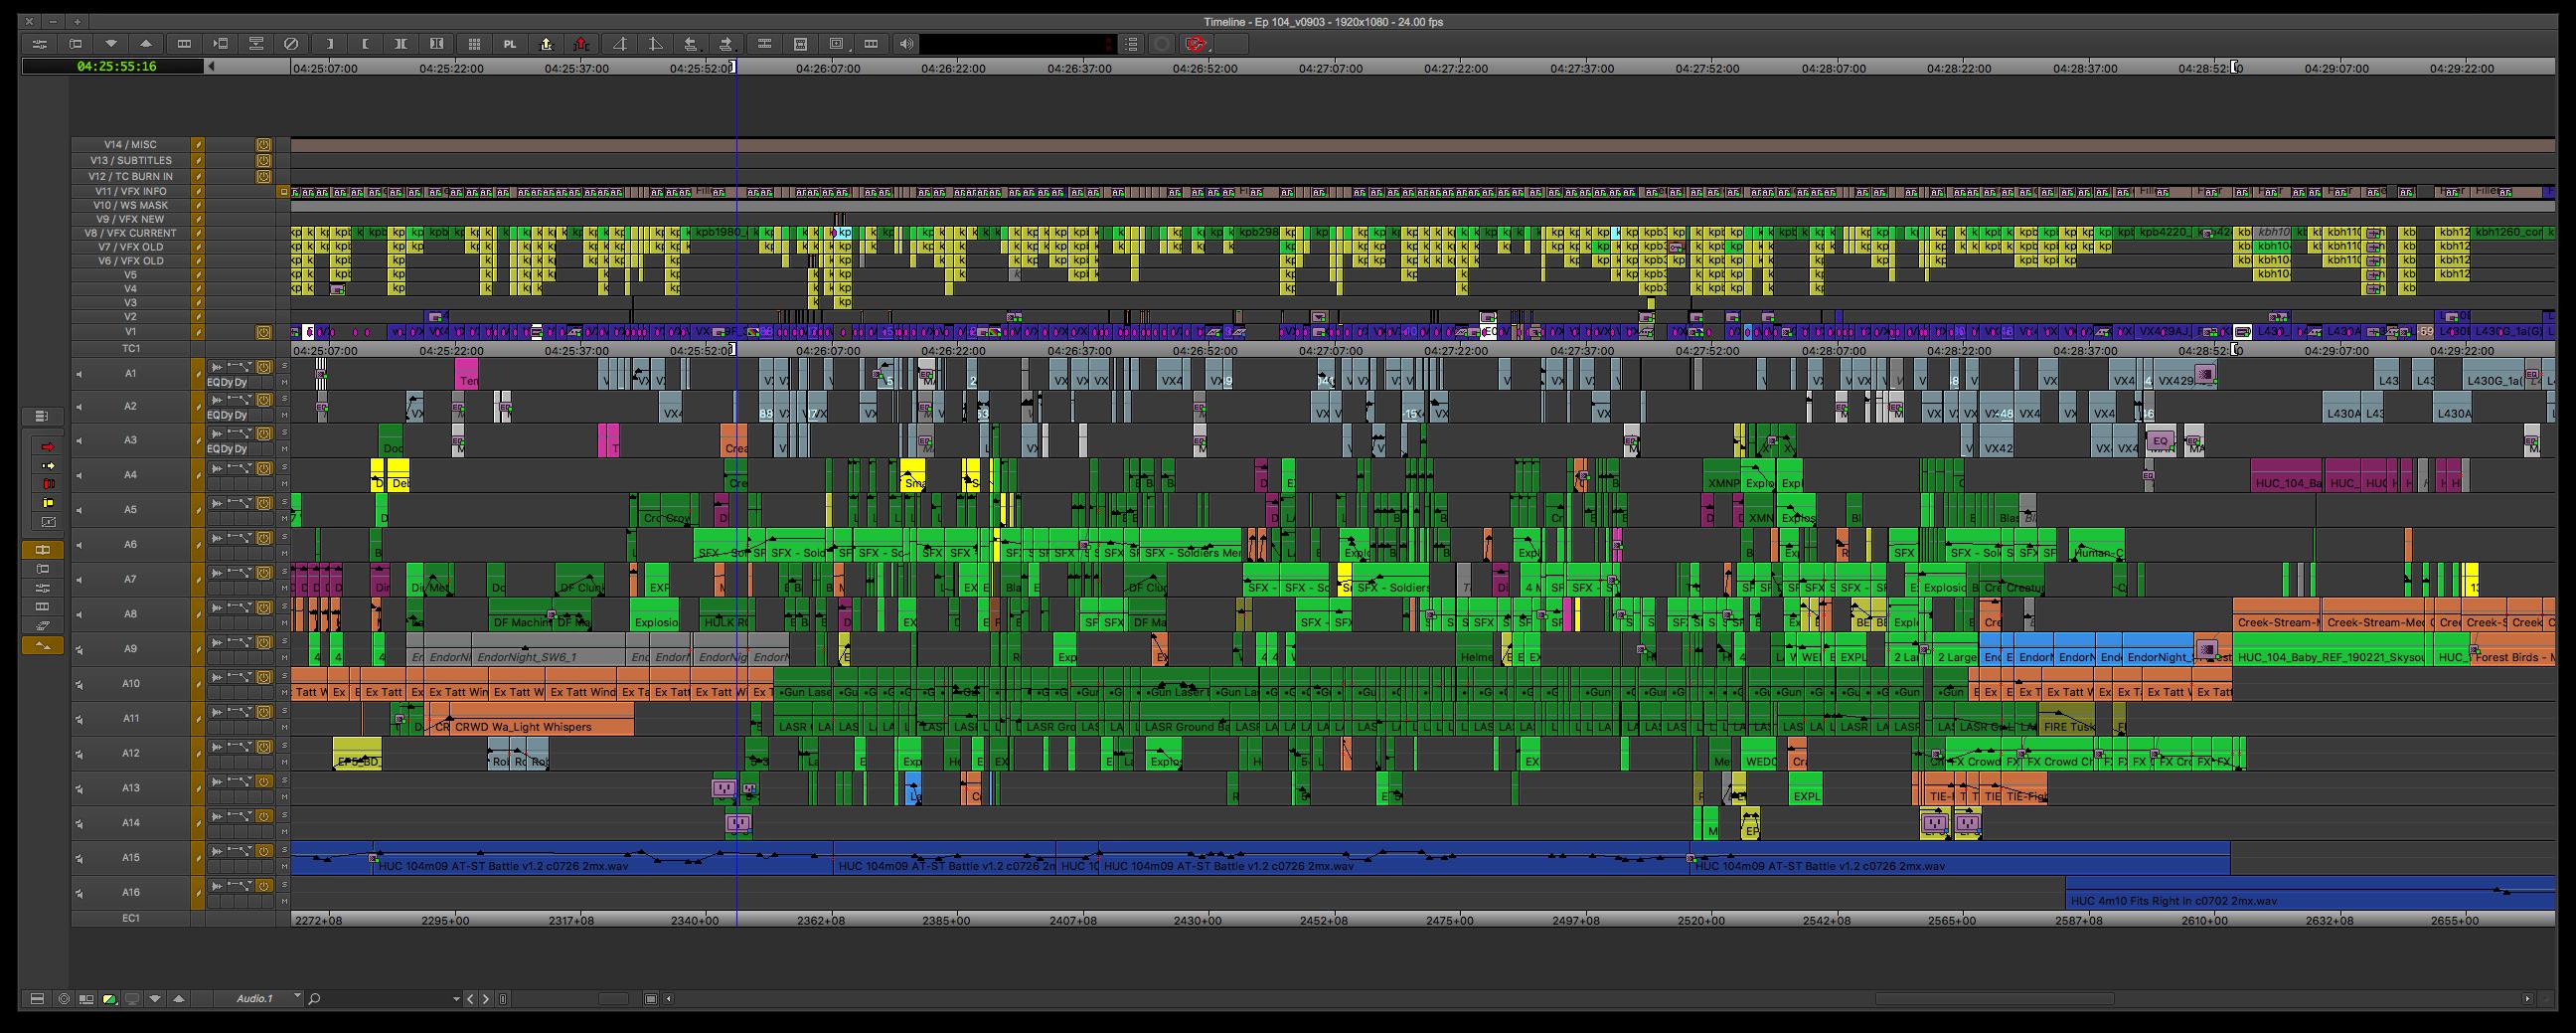 104_at-st_battle_timeline_screenshot